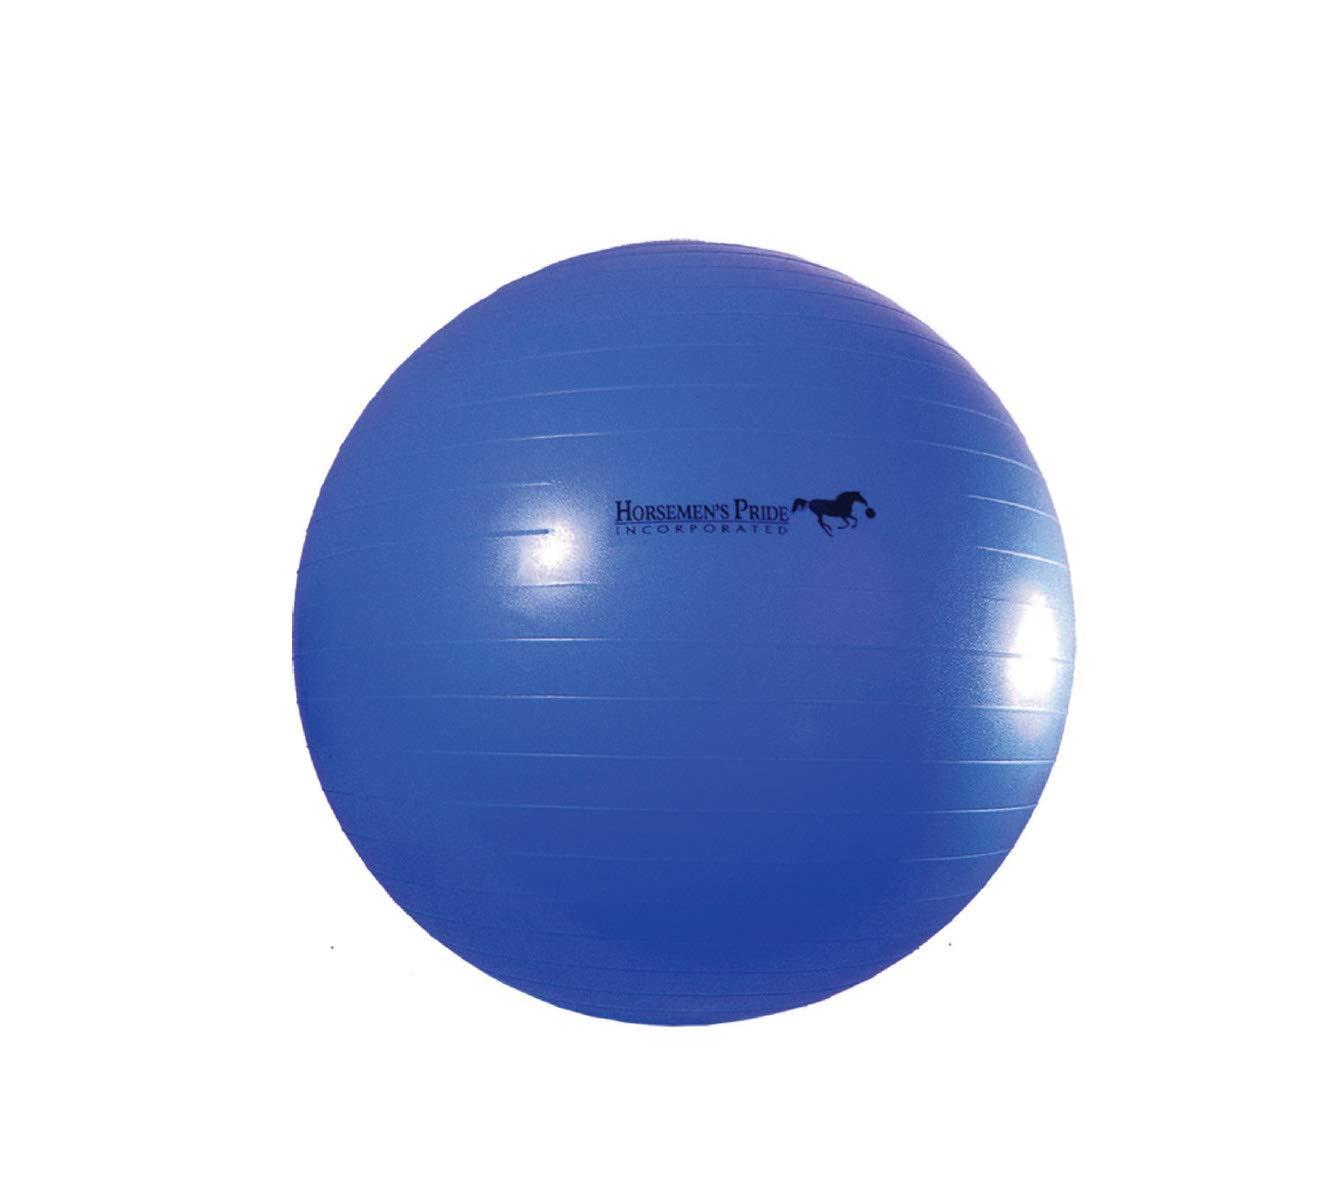 Horsemen's Pride 30-Inch Mega Ball for Horses, Blue by Horsemen's Pride